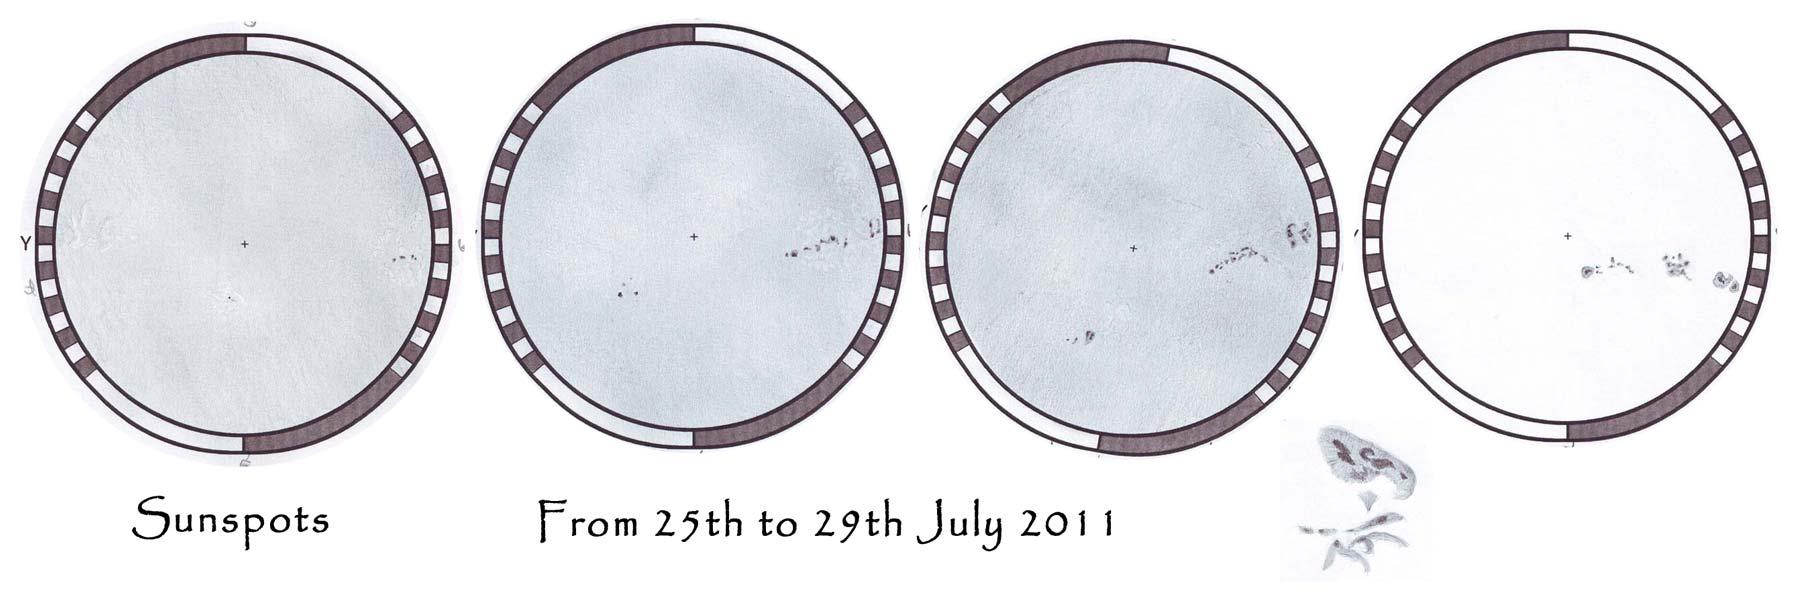 Sunspots - July 25-29, 2011